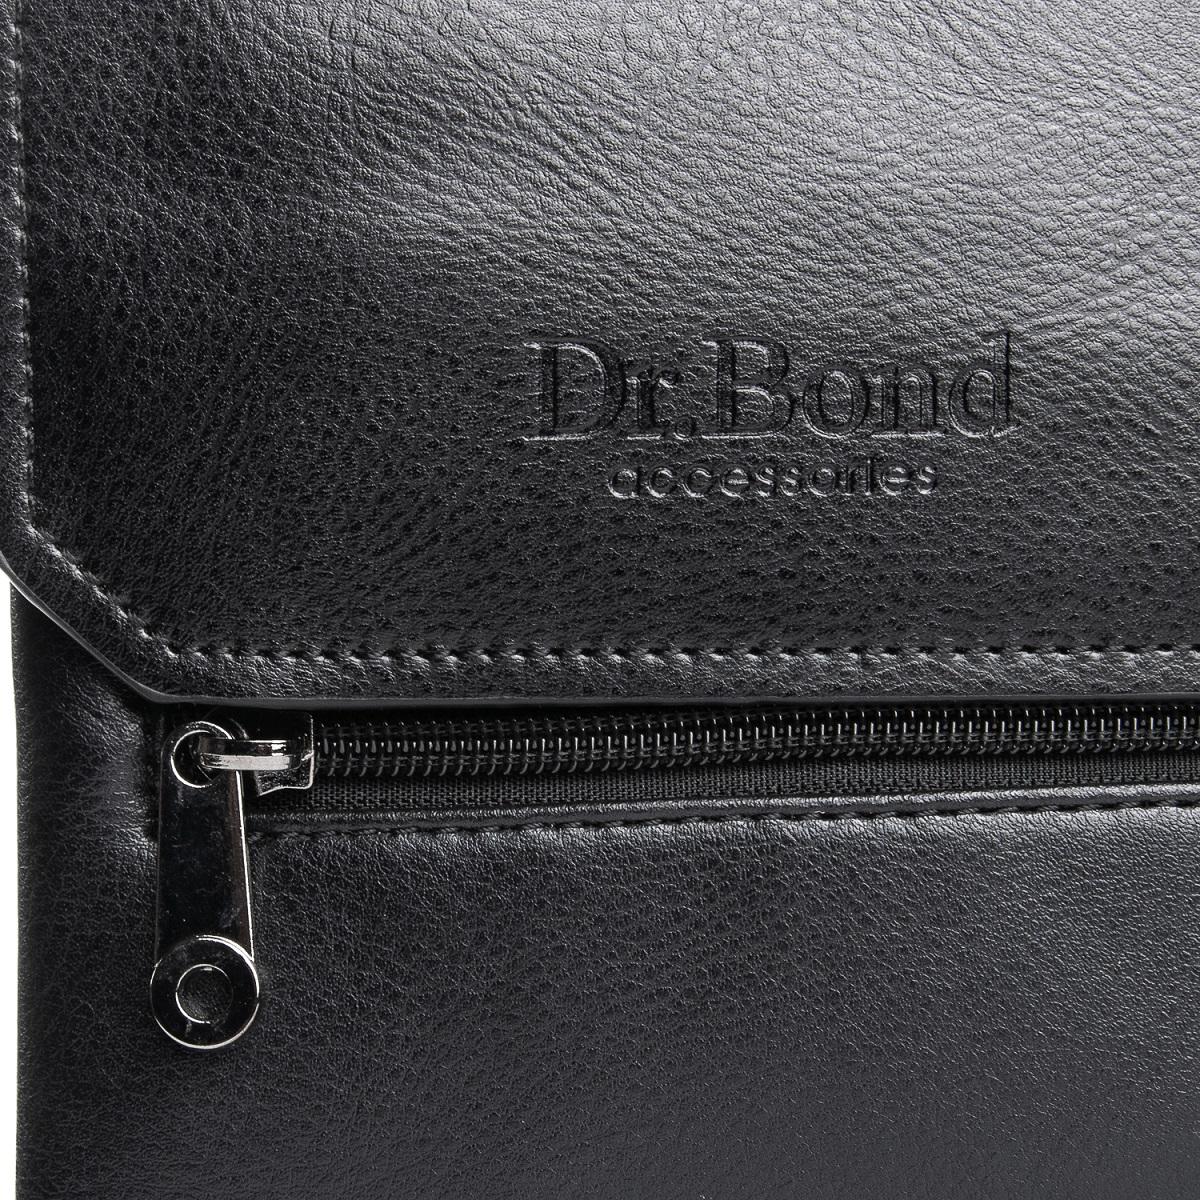 Сумка Мужская Планшет иск-кожа DR. BOND GL 213-0 black - фото 3